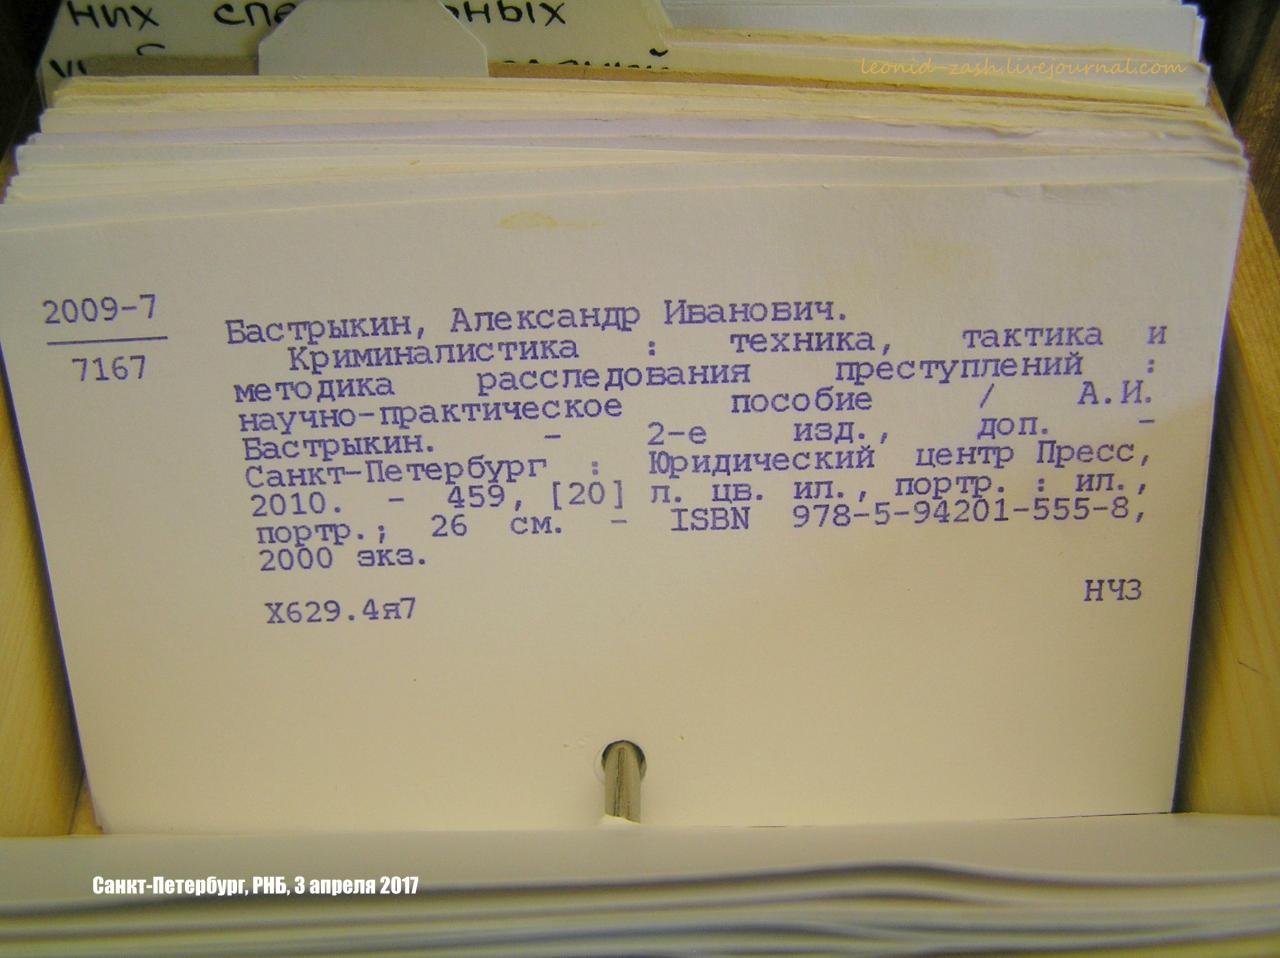 РНБ Petersburg 39.JPG